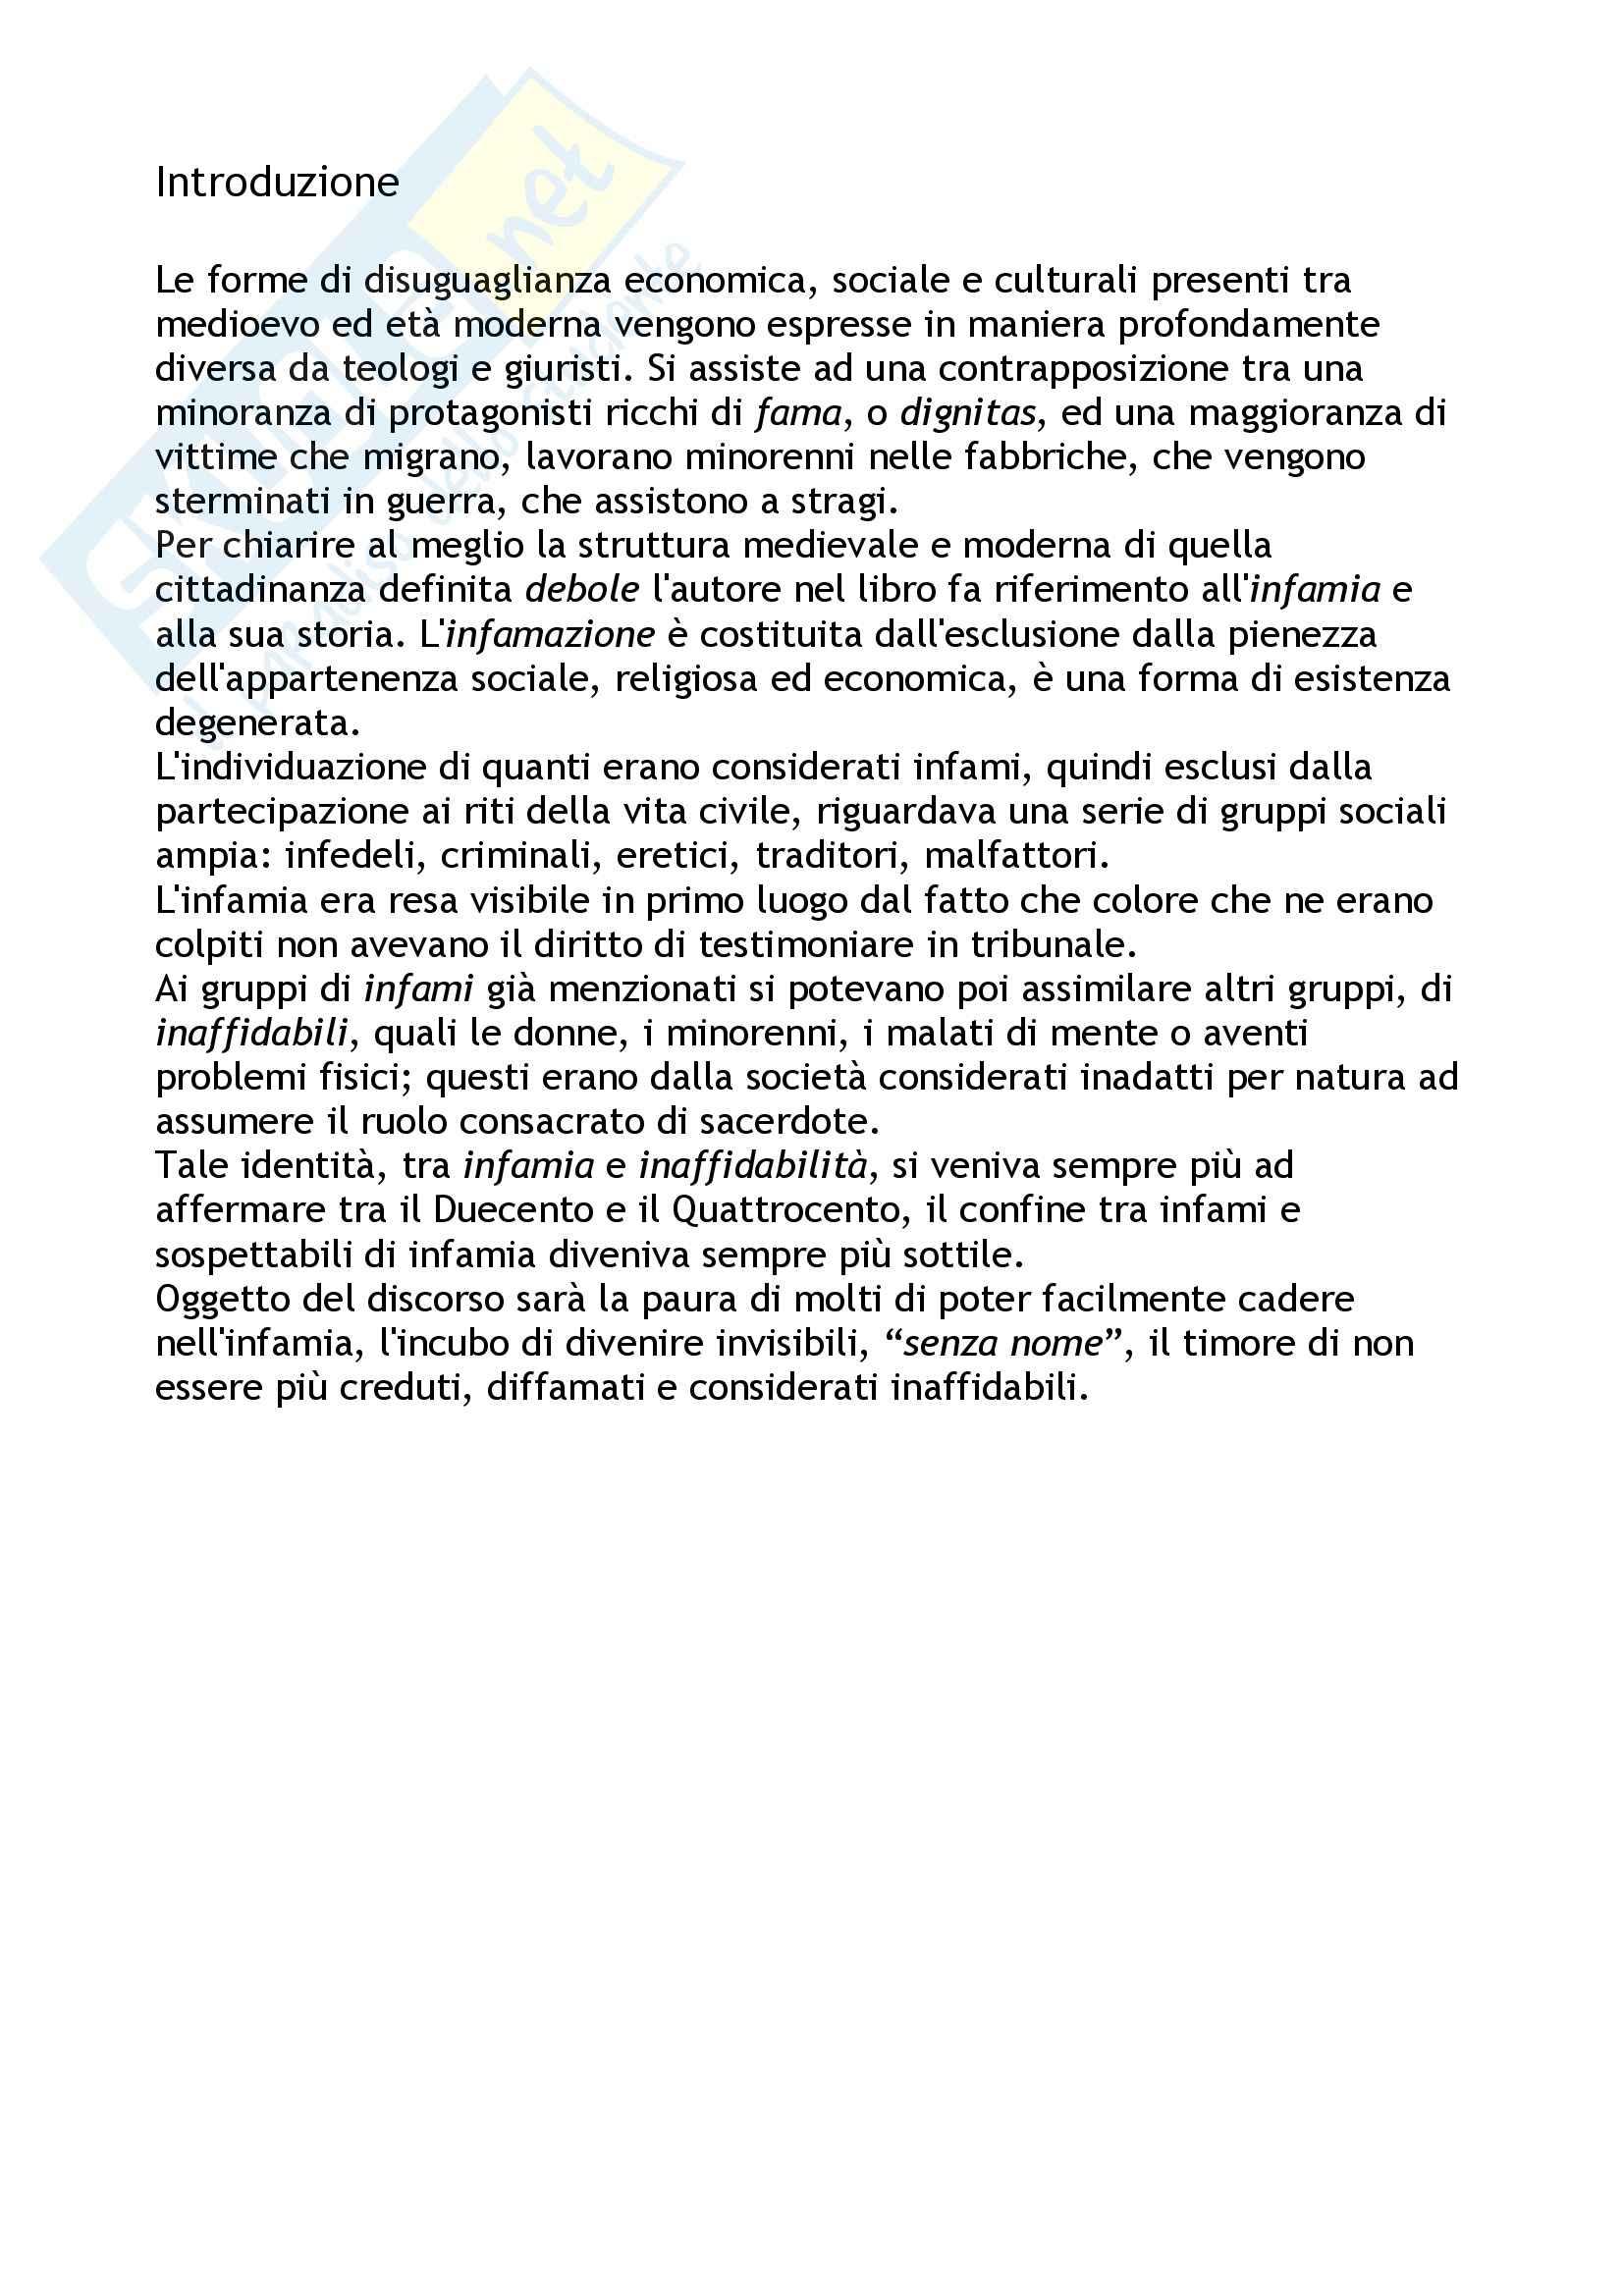 Riassunto esame Storia della giustizia, prof. Mazzacane, libro consigliato Visibilmente crudeli, Todeschini